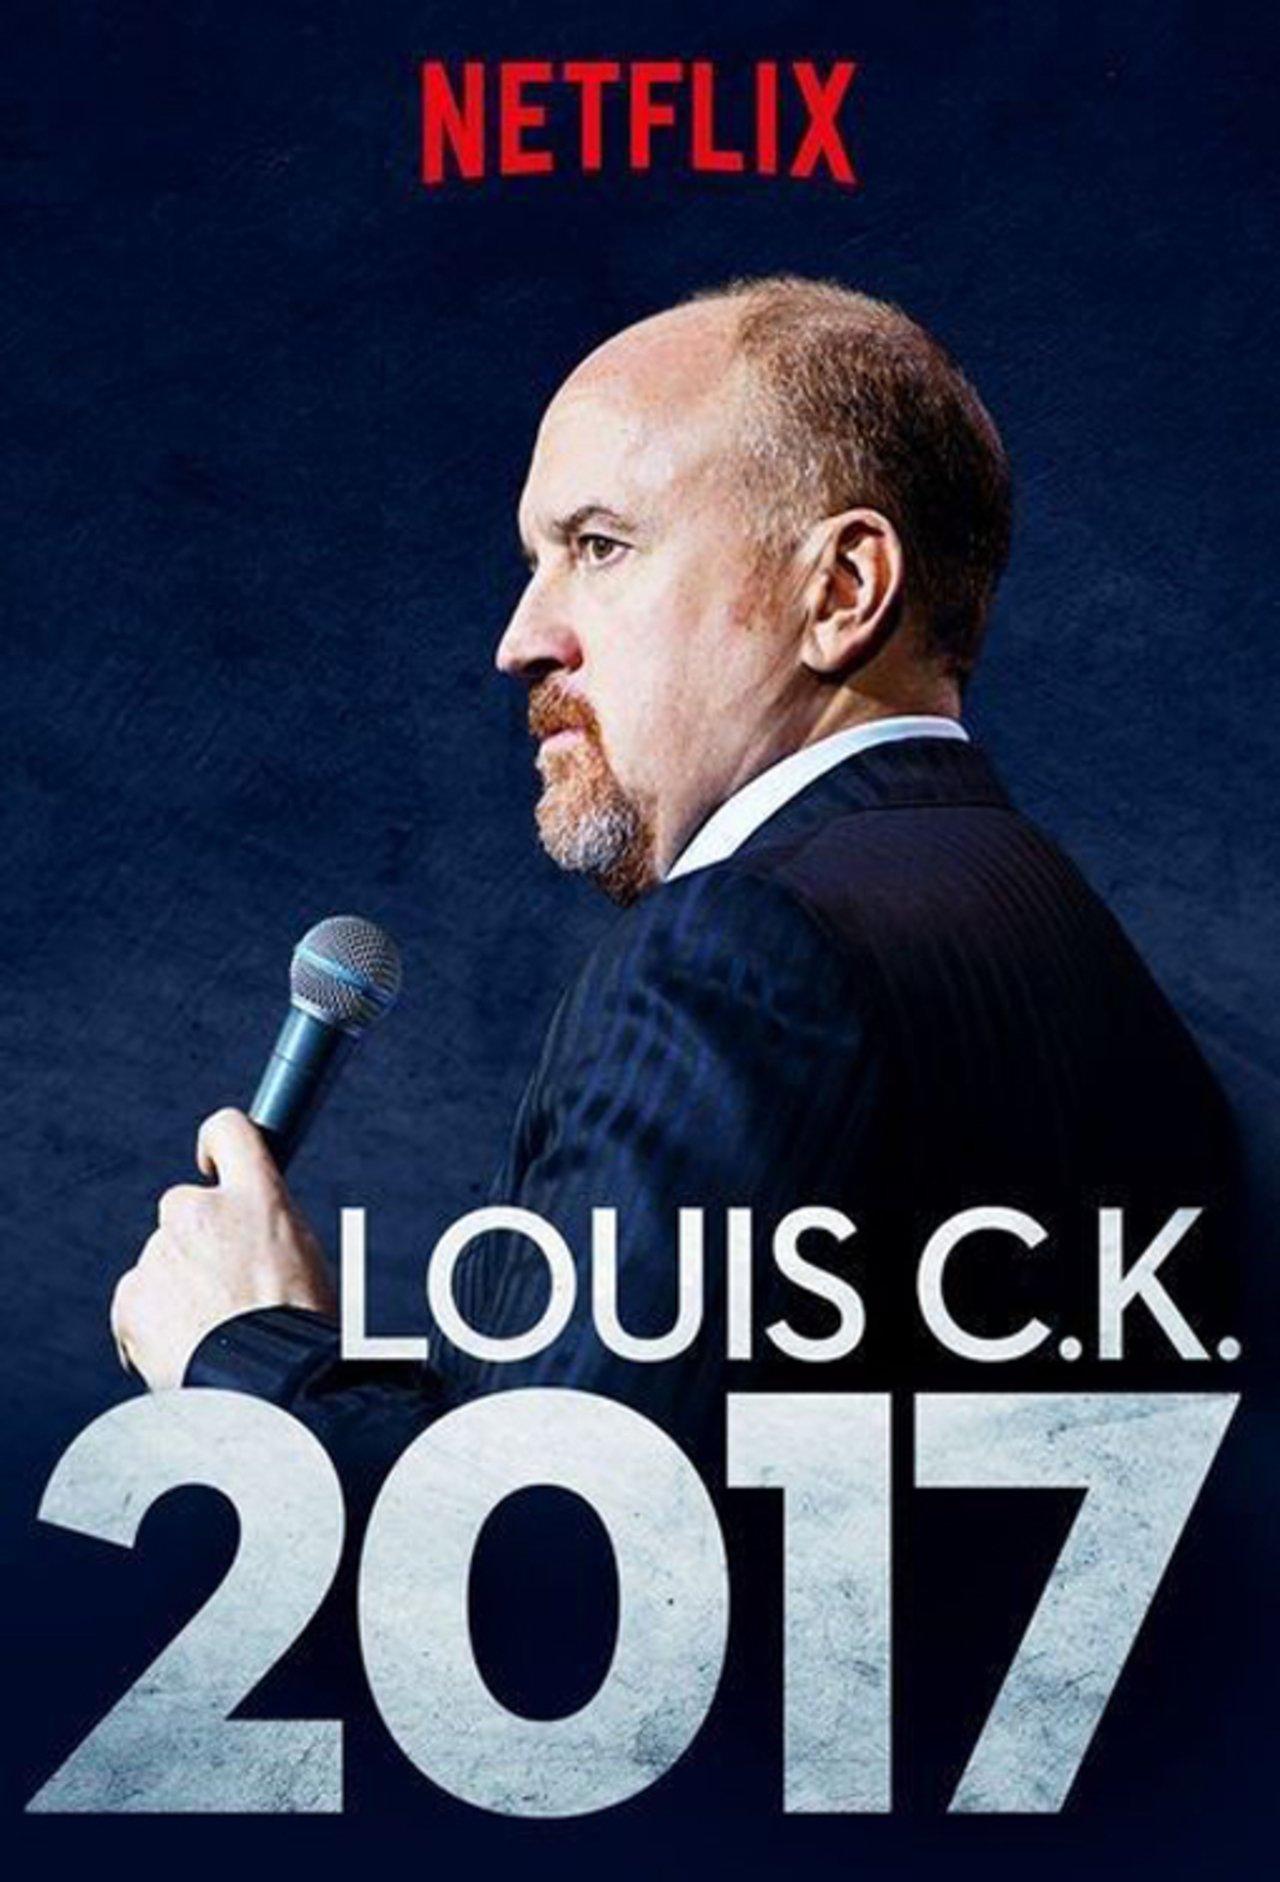 Louis C.K. 2017 kapak